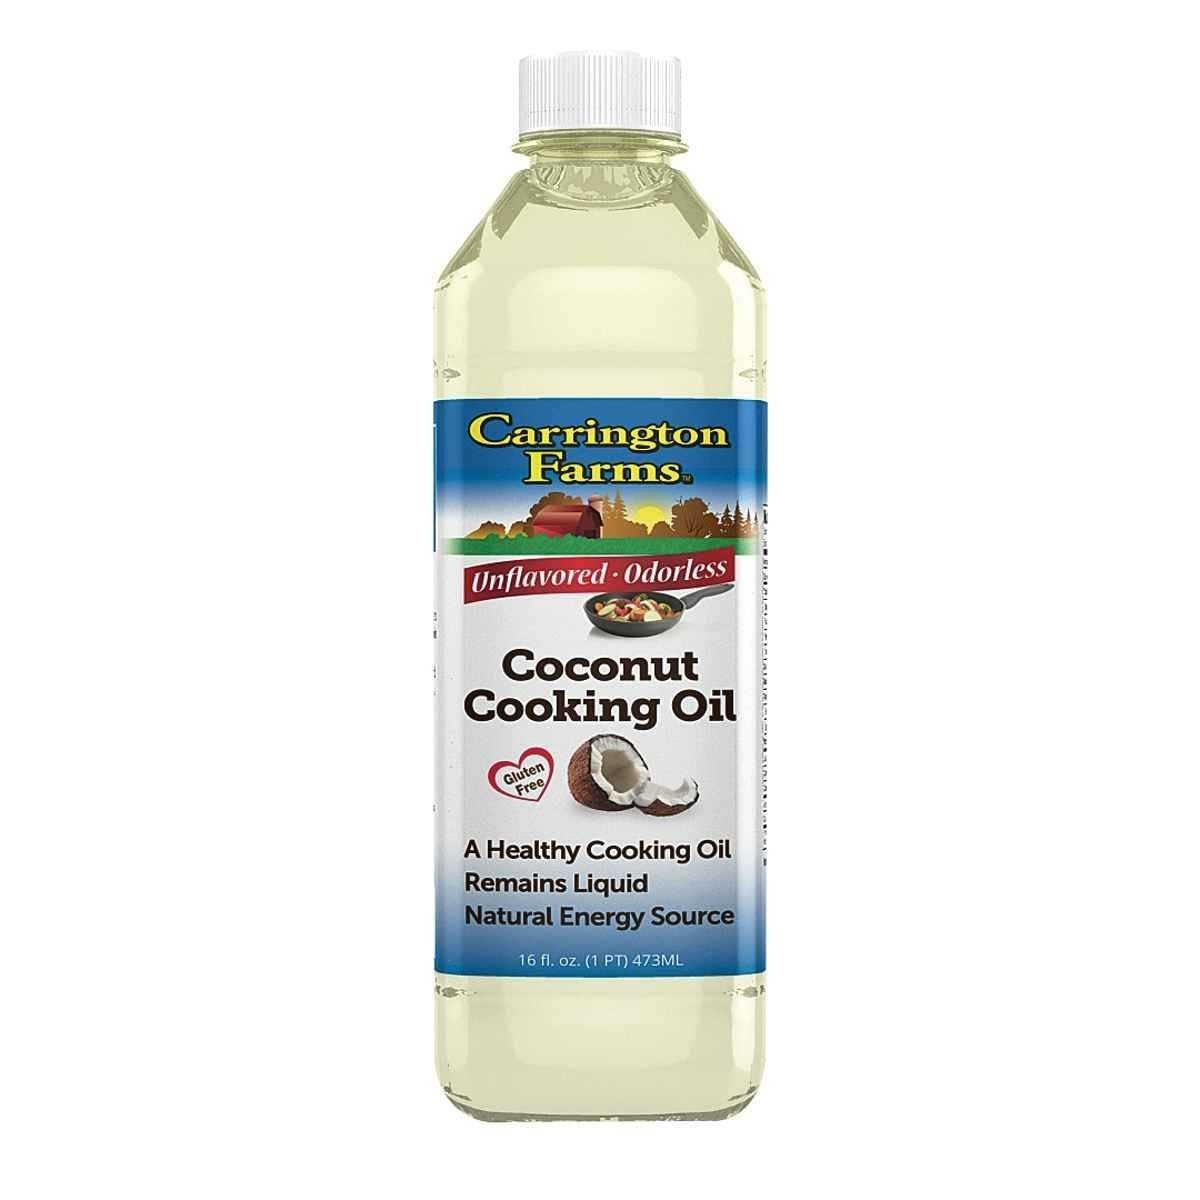 Carrington Farms Coconut Cooking Oil, 16 Fluid Ounce - 6 per case. by Carrington Farms